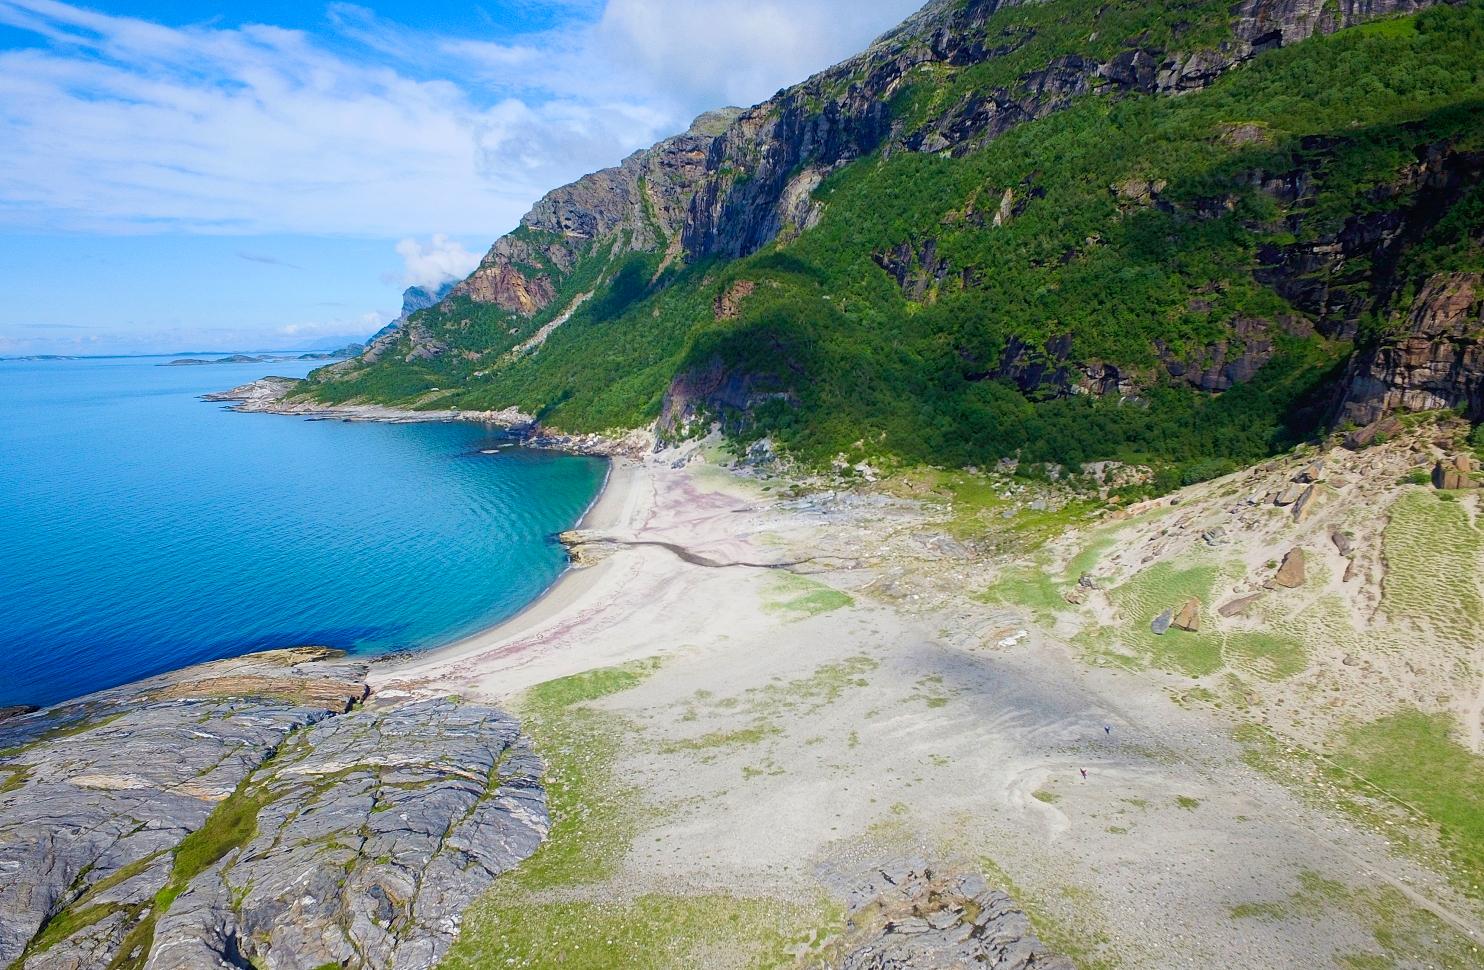 Bodø Coastal Day Hike with Amazing Mjelle Beach